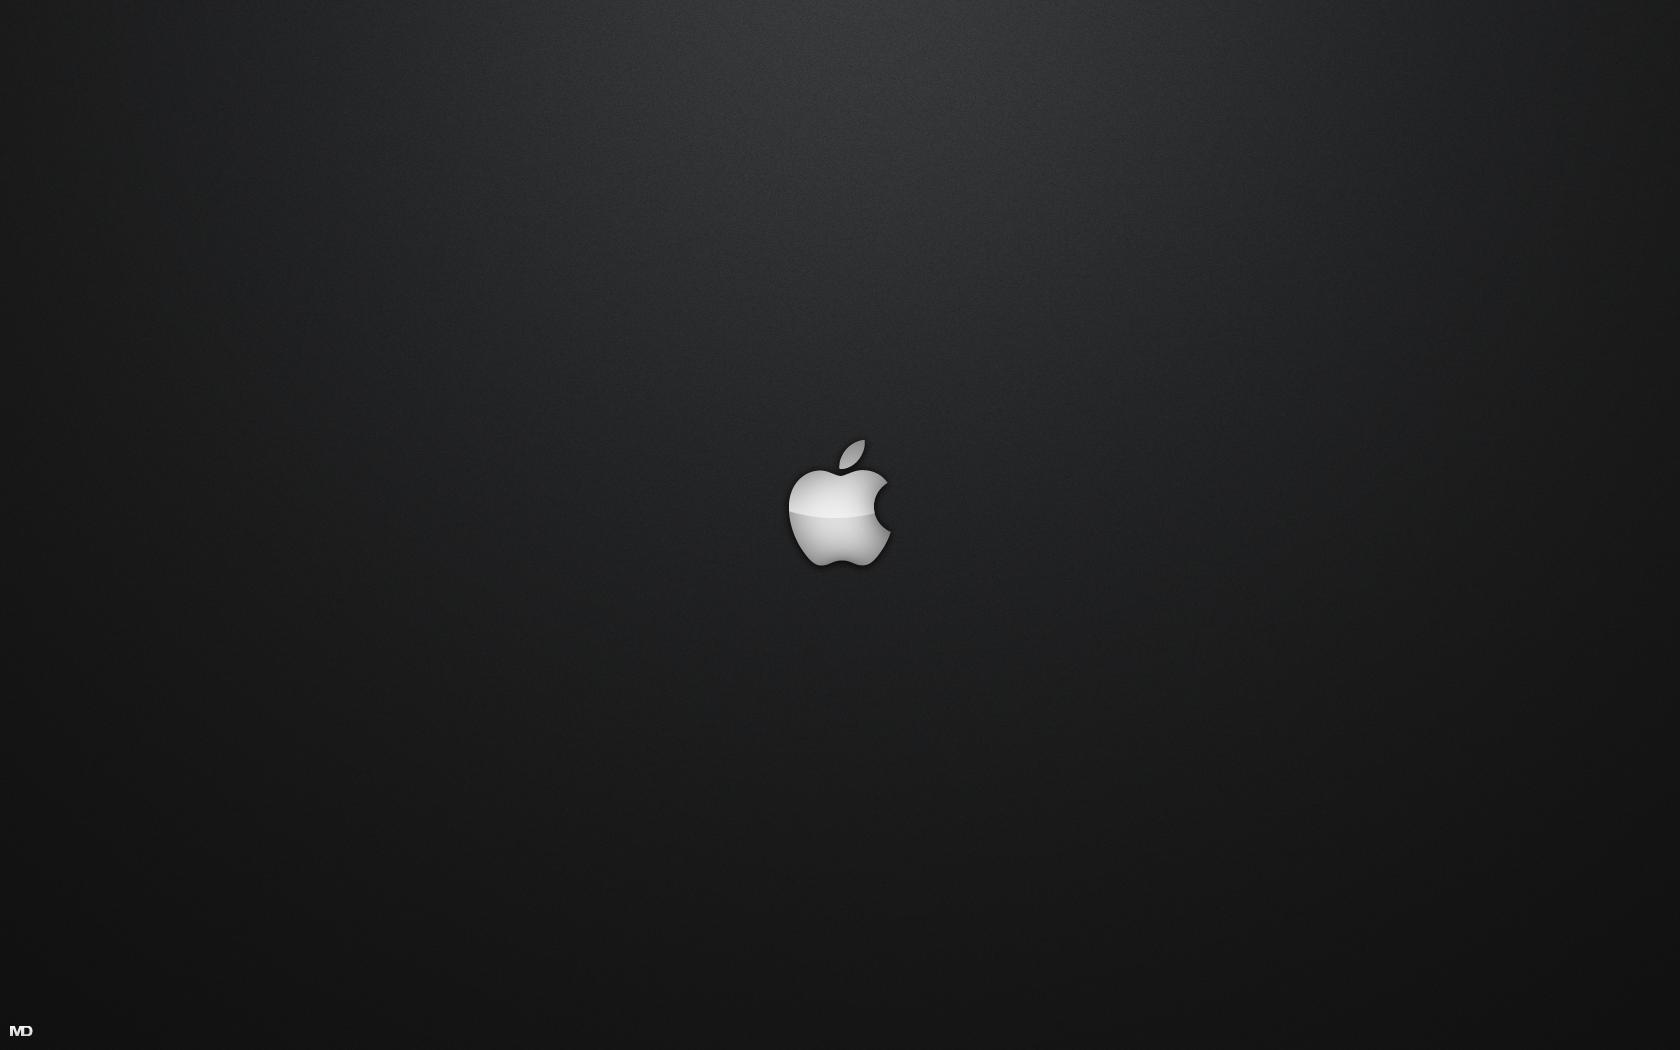 Black Cool Apple Mac Wallpaper Best 1816 Wallpaper High Resolution 1680x1050